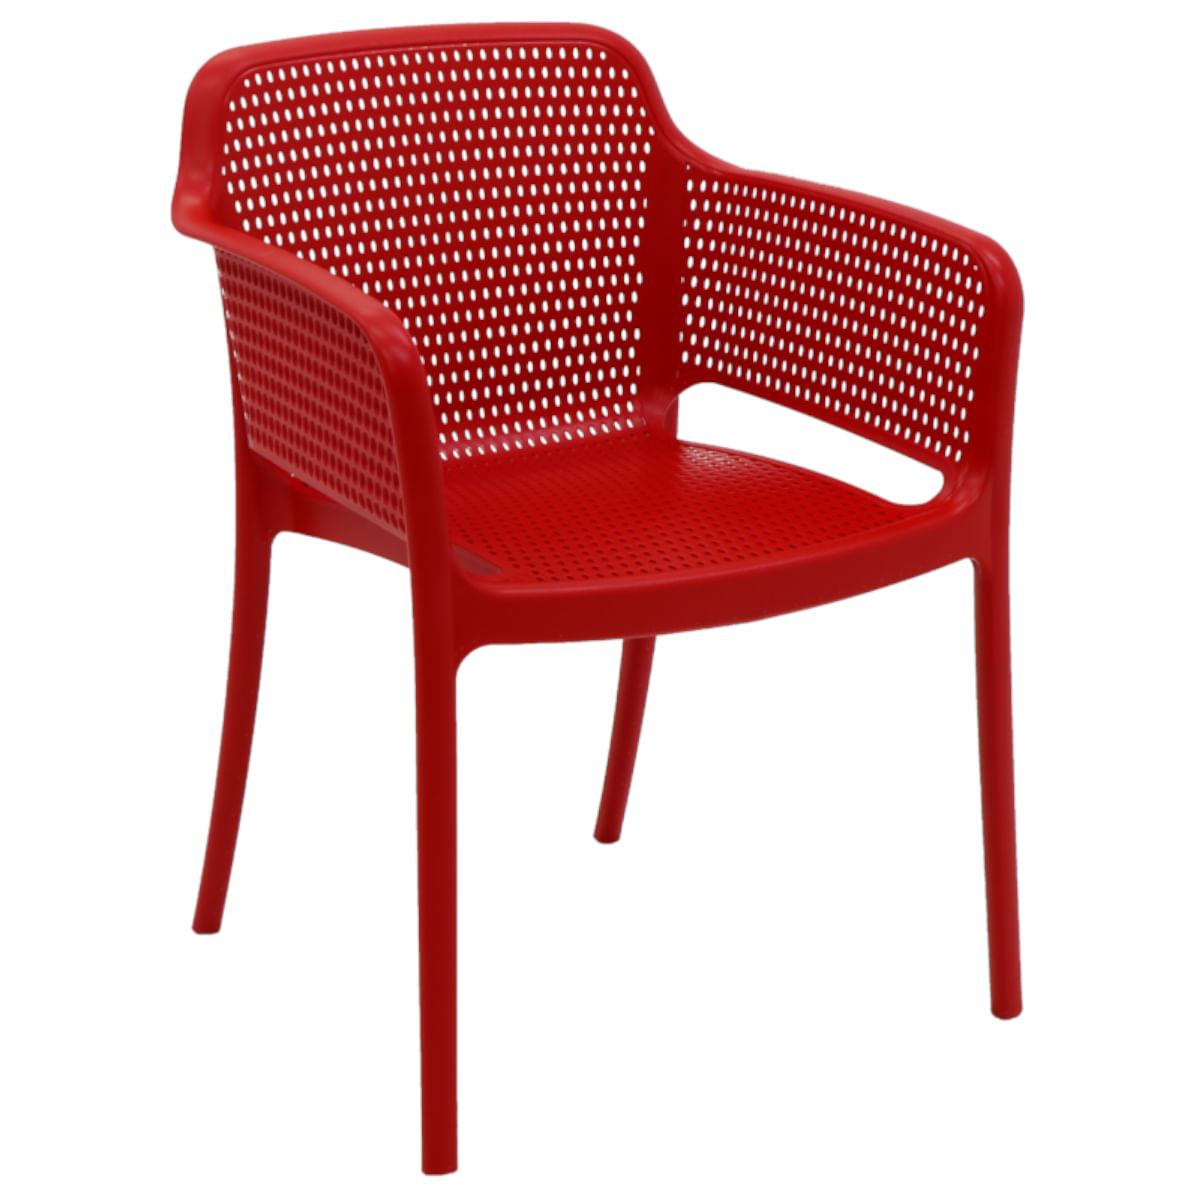 Cadeira Tramontina Gabriela Vermelha em Polipropileno e Fibra de Vidro